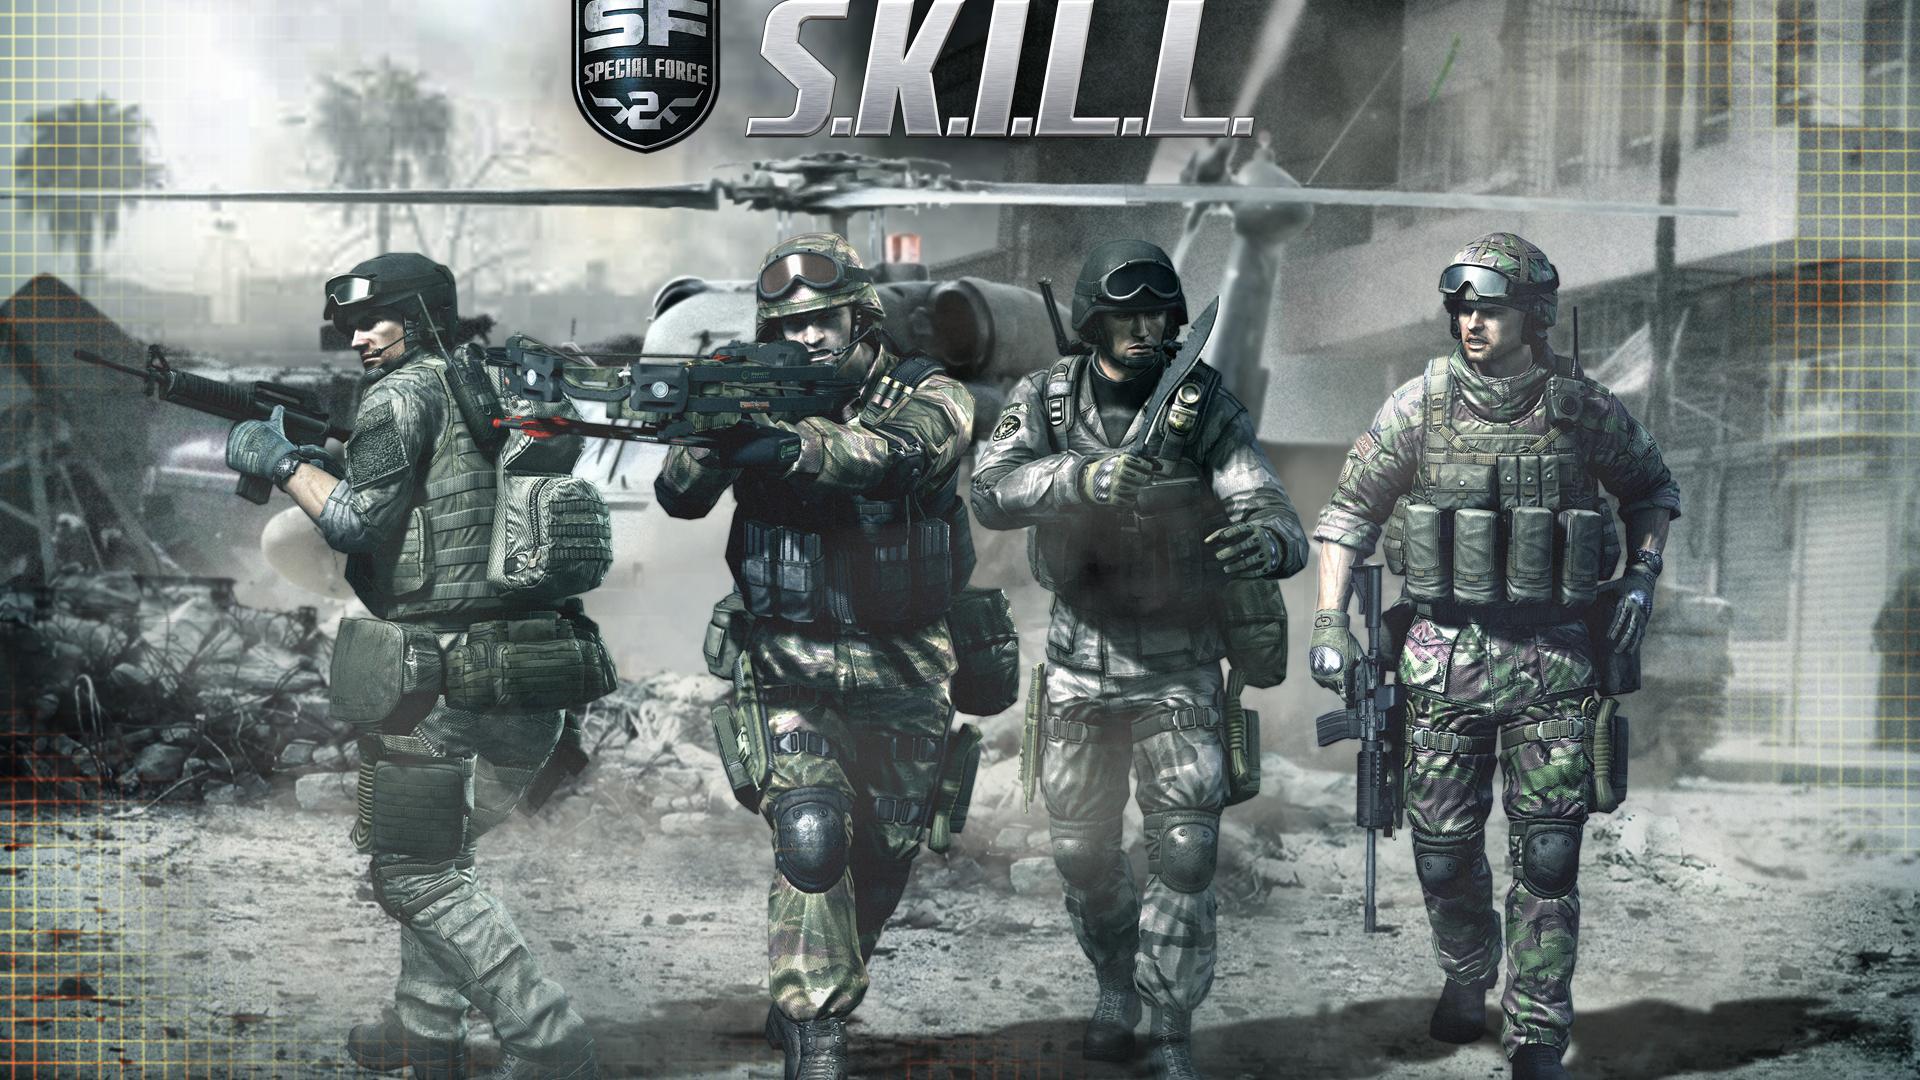 S.K.I.L.L. - Special Force 2 [Multi\Türkcə] (1.0.25226.0) License